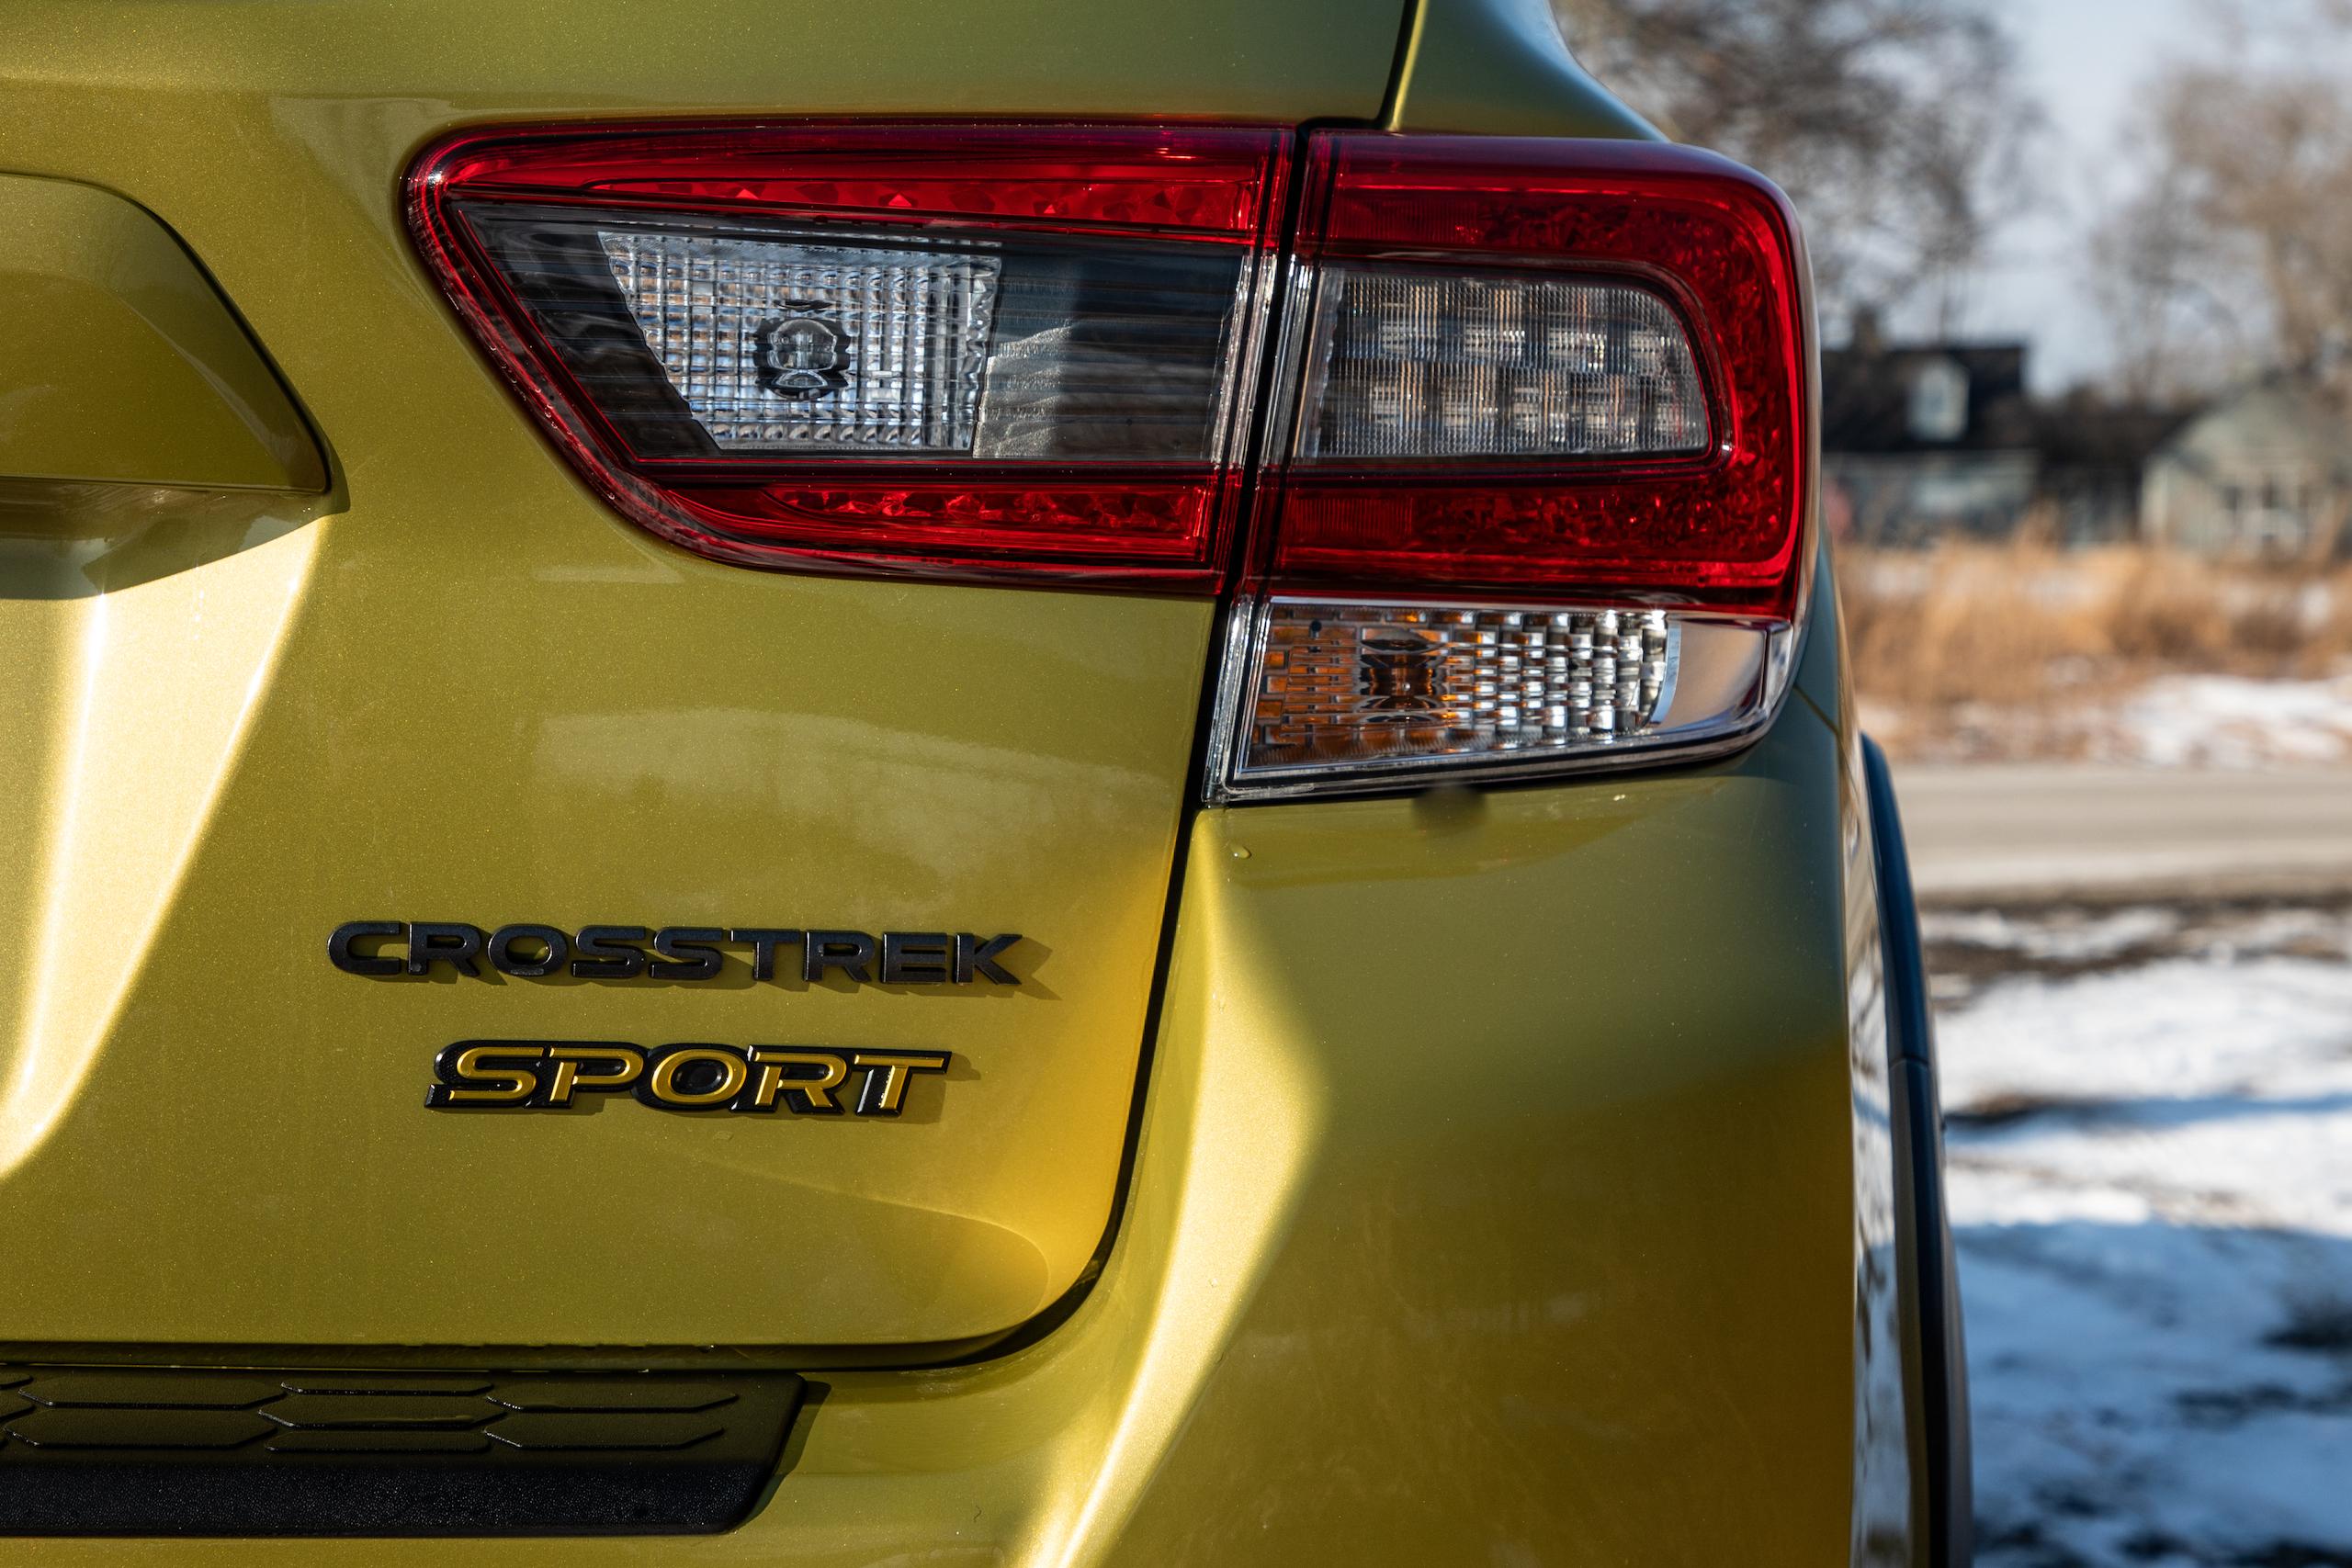 Subaru Crosstrek Sport rear badge